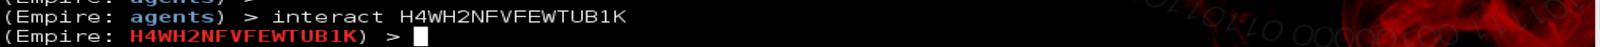 em5.PNG